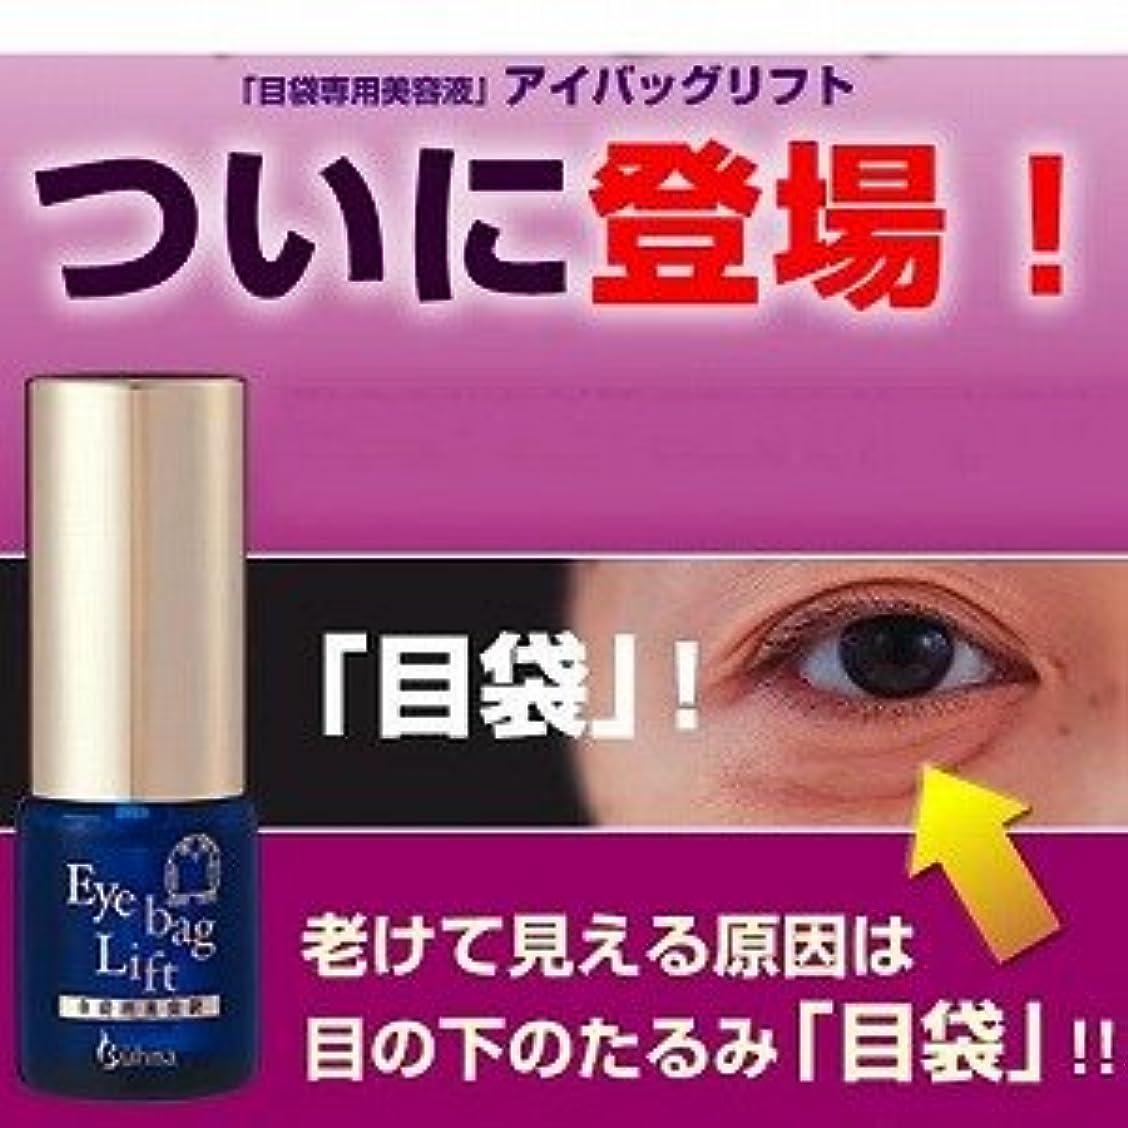 あらゆる種類の浴室アレルギー老けて見える原因は、目元、目の下のたるみ「目袋」『目袋専用美容液 アイバッグリフト』